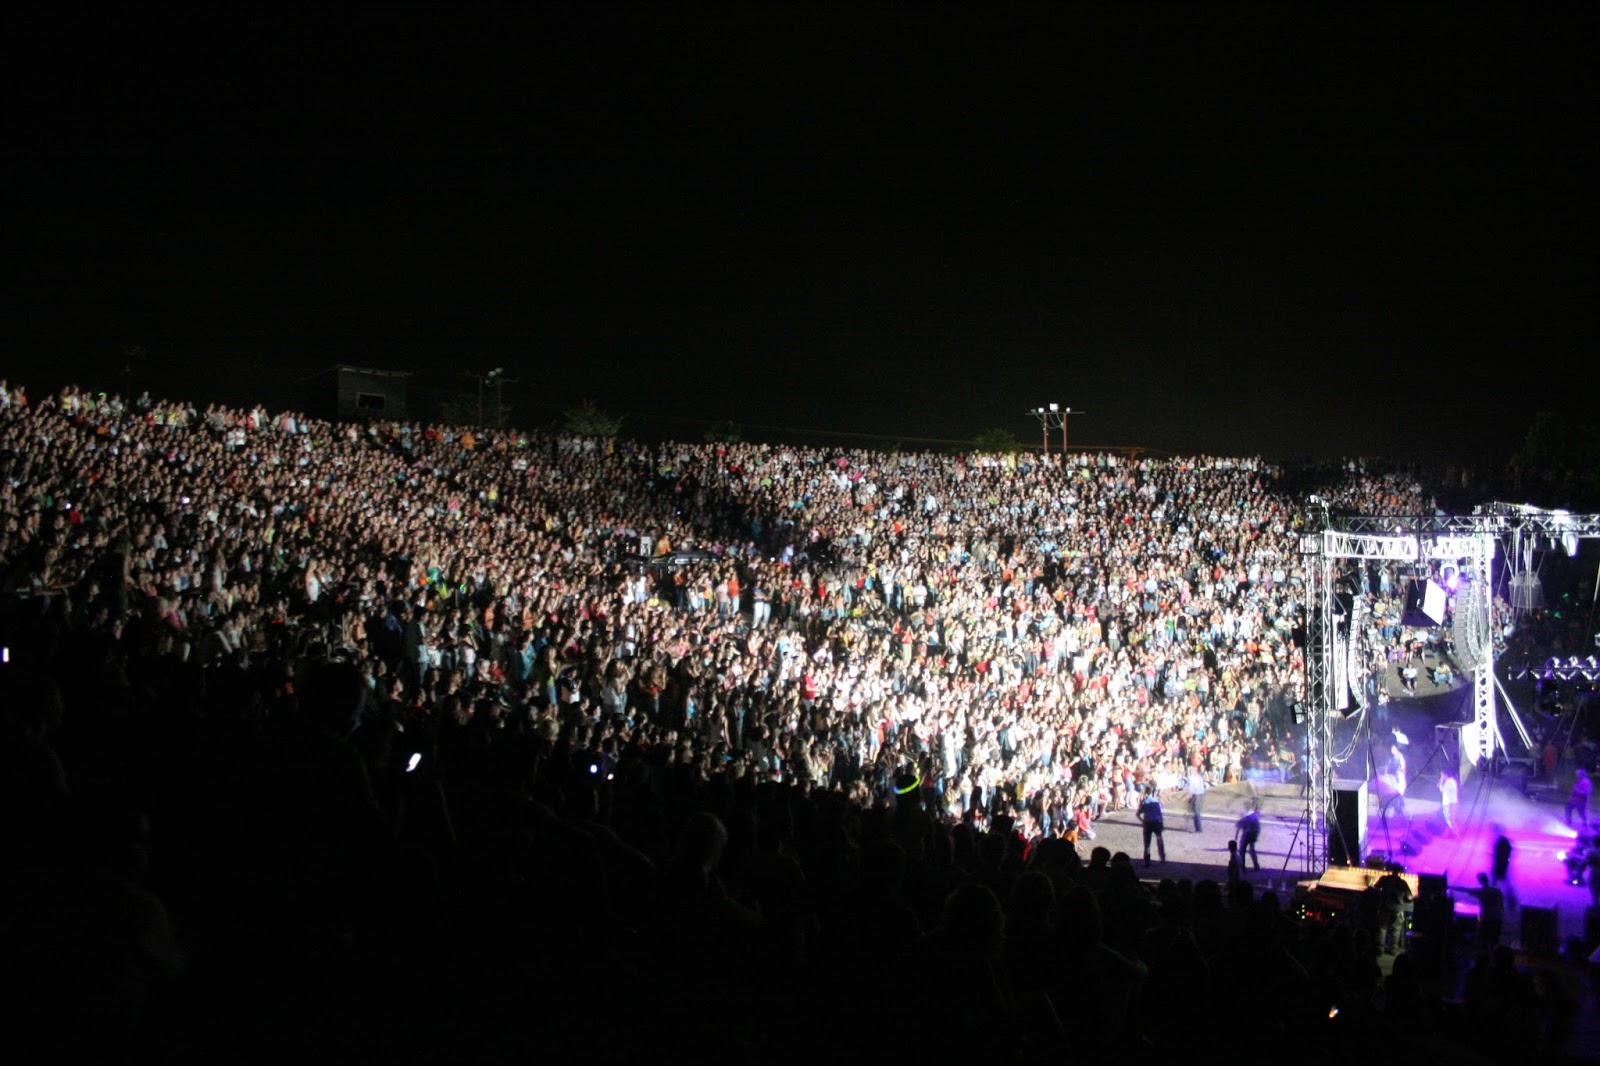 Ο Αύγουστος στο 46ο Φεστιβάλ Ολύμπου (ΠΡΟΓΡΑΜΜΑ)